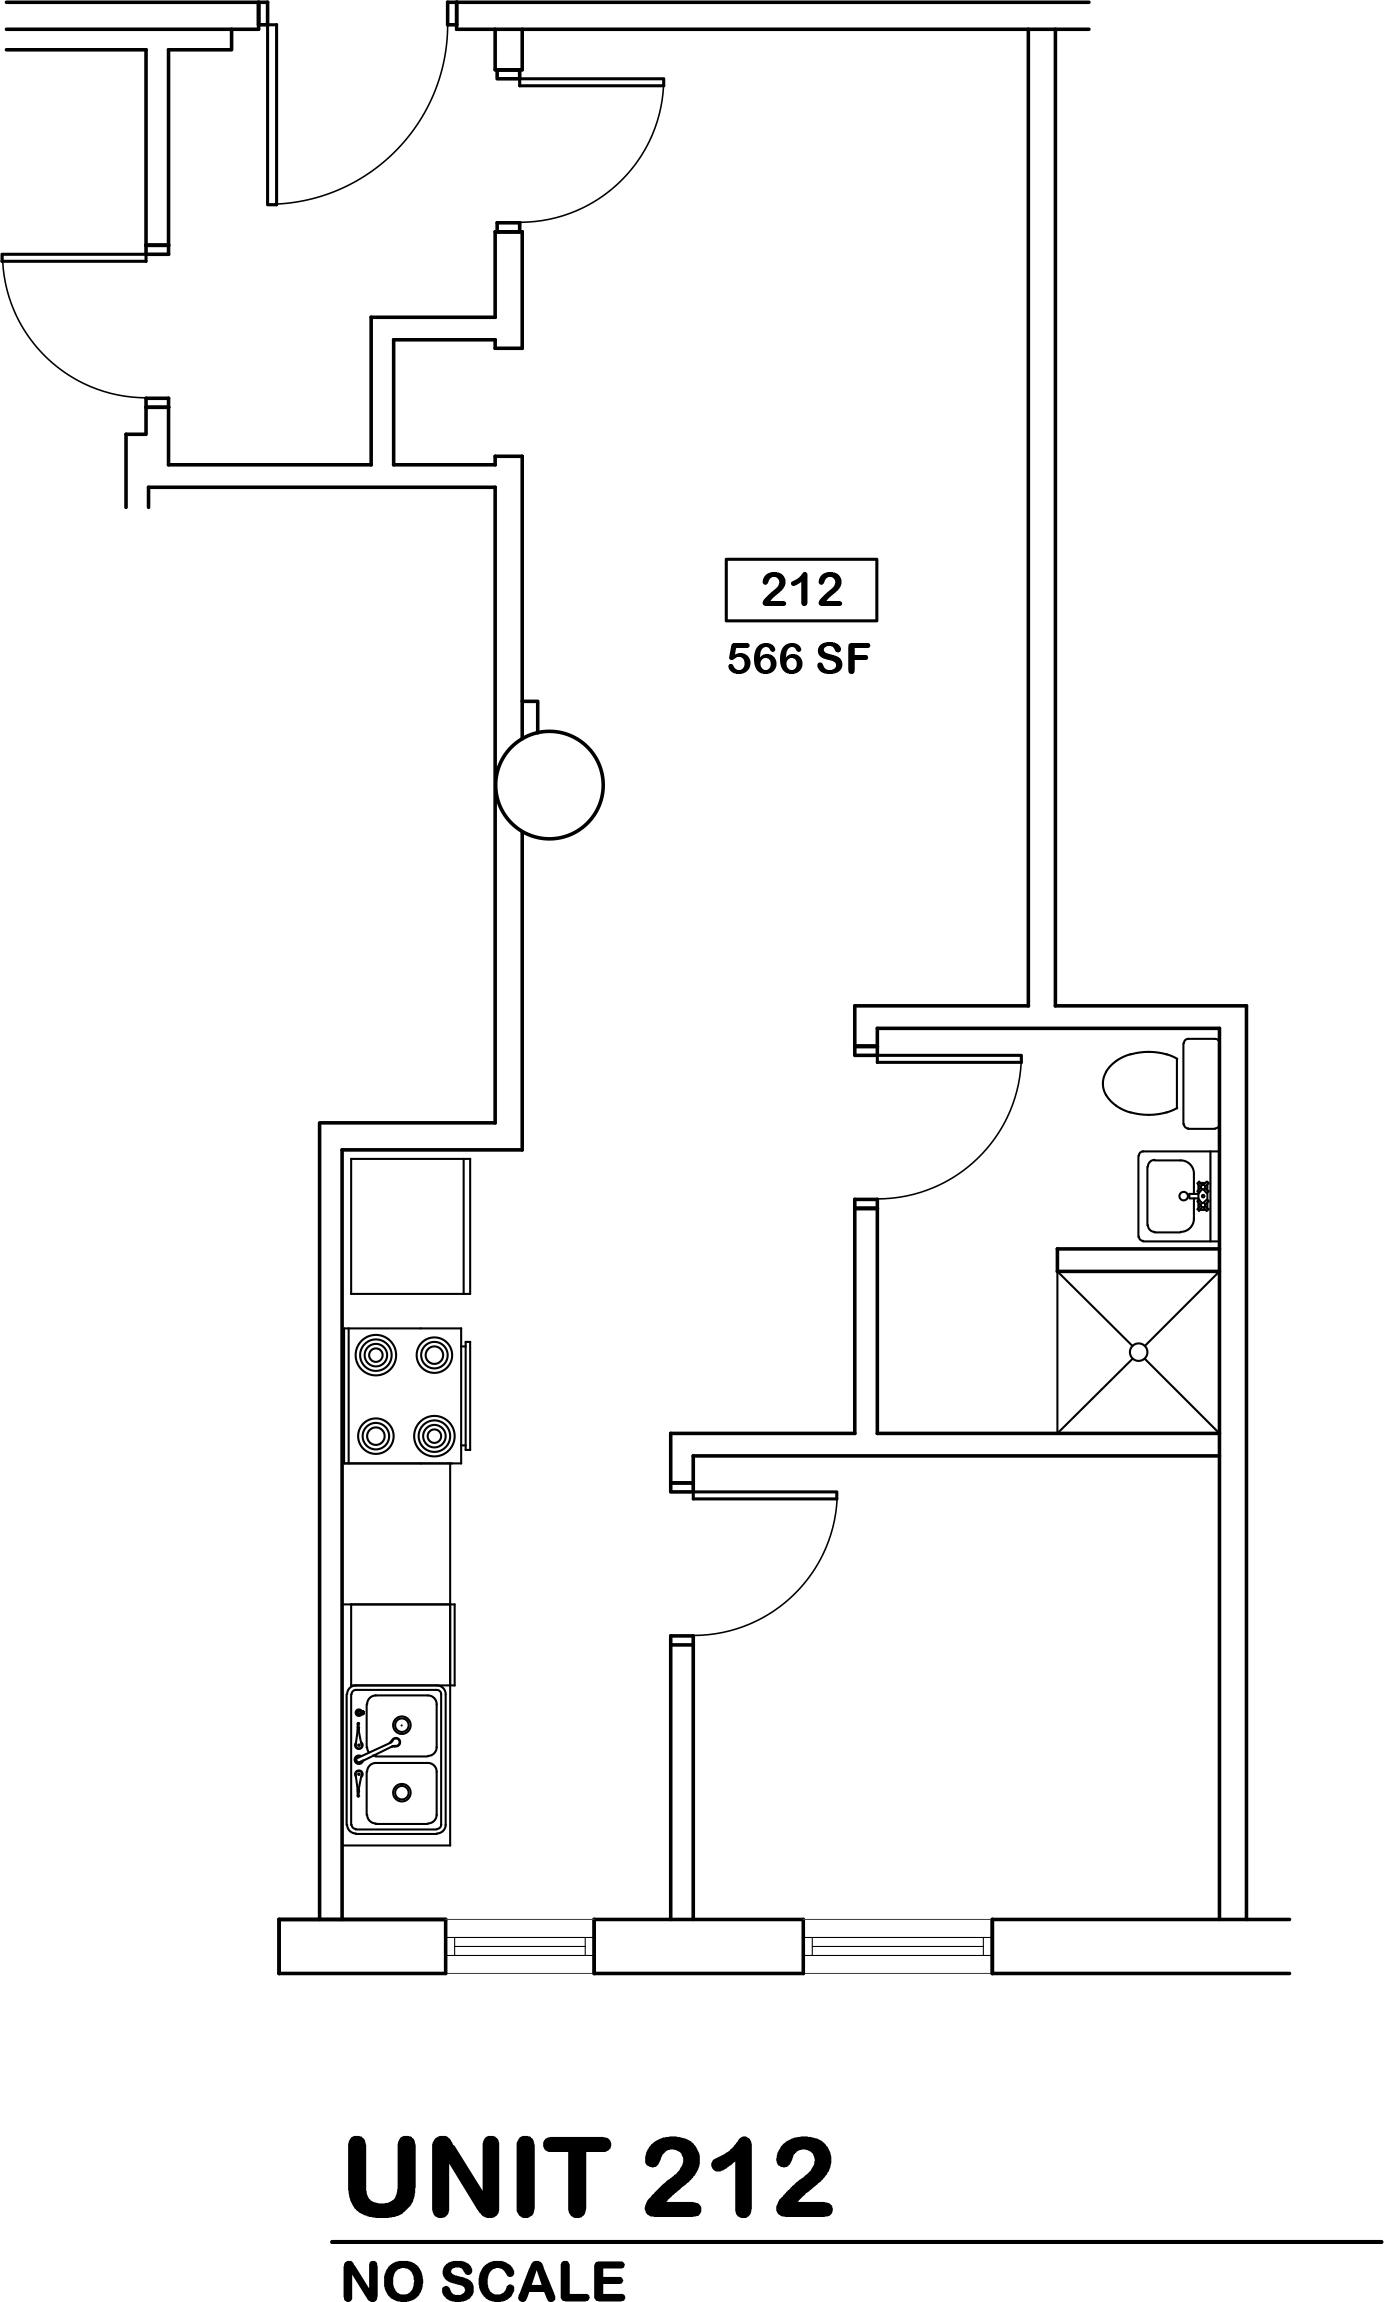 1 bed / 1 bath   $500 / 566 sq ft